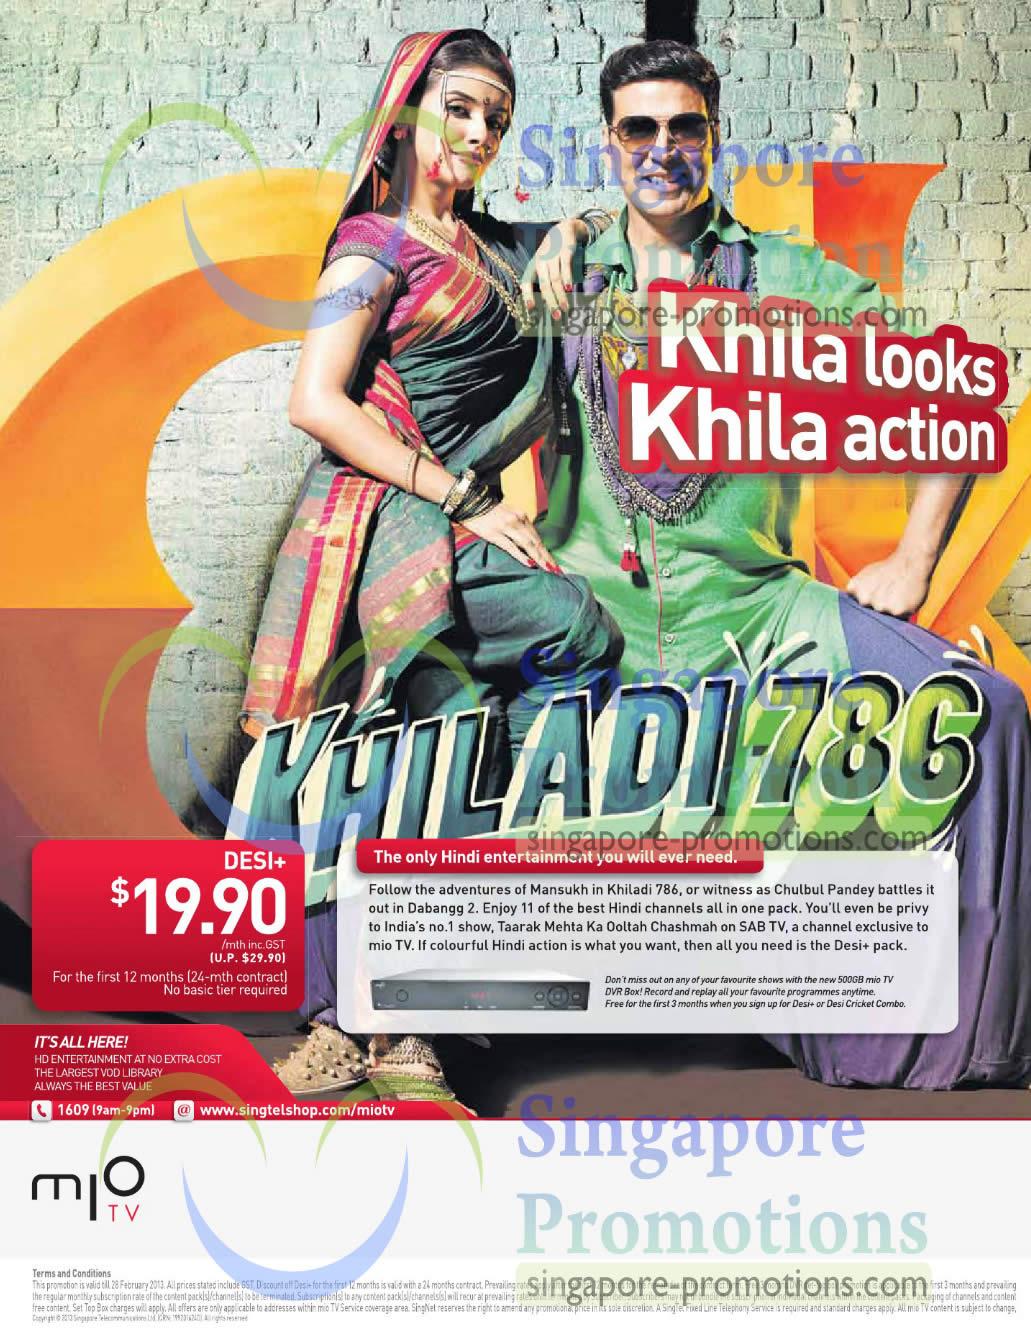 Mio TV Desi Plus Price